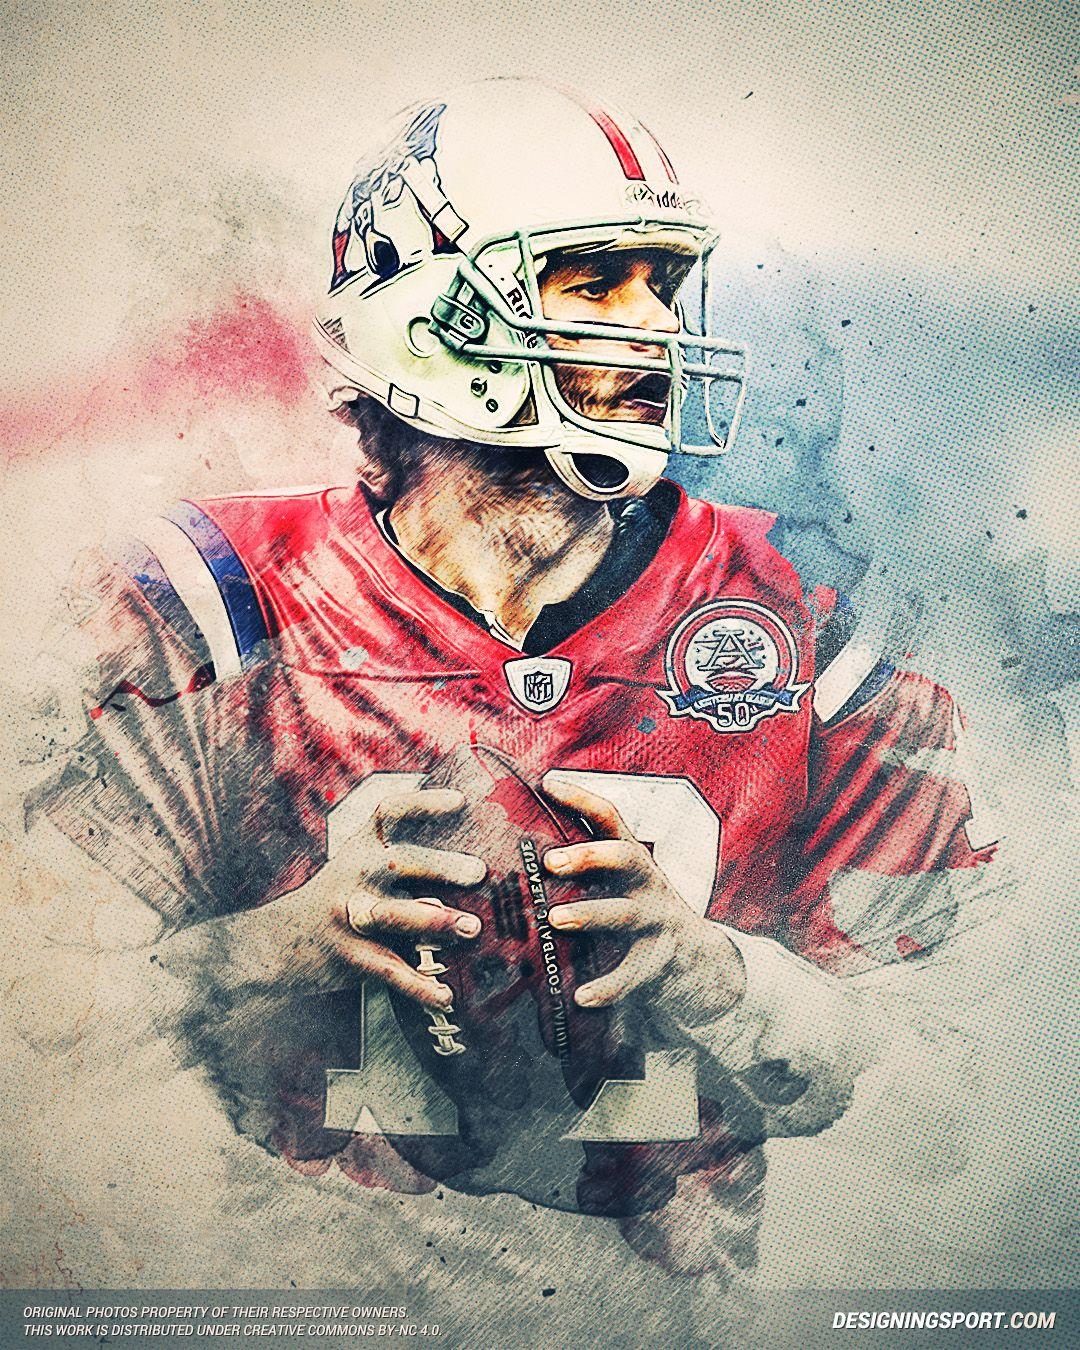 Designingsport Patriots Football New England Patriots Merchandise New England Patriots